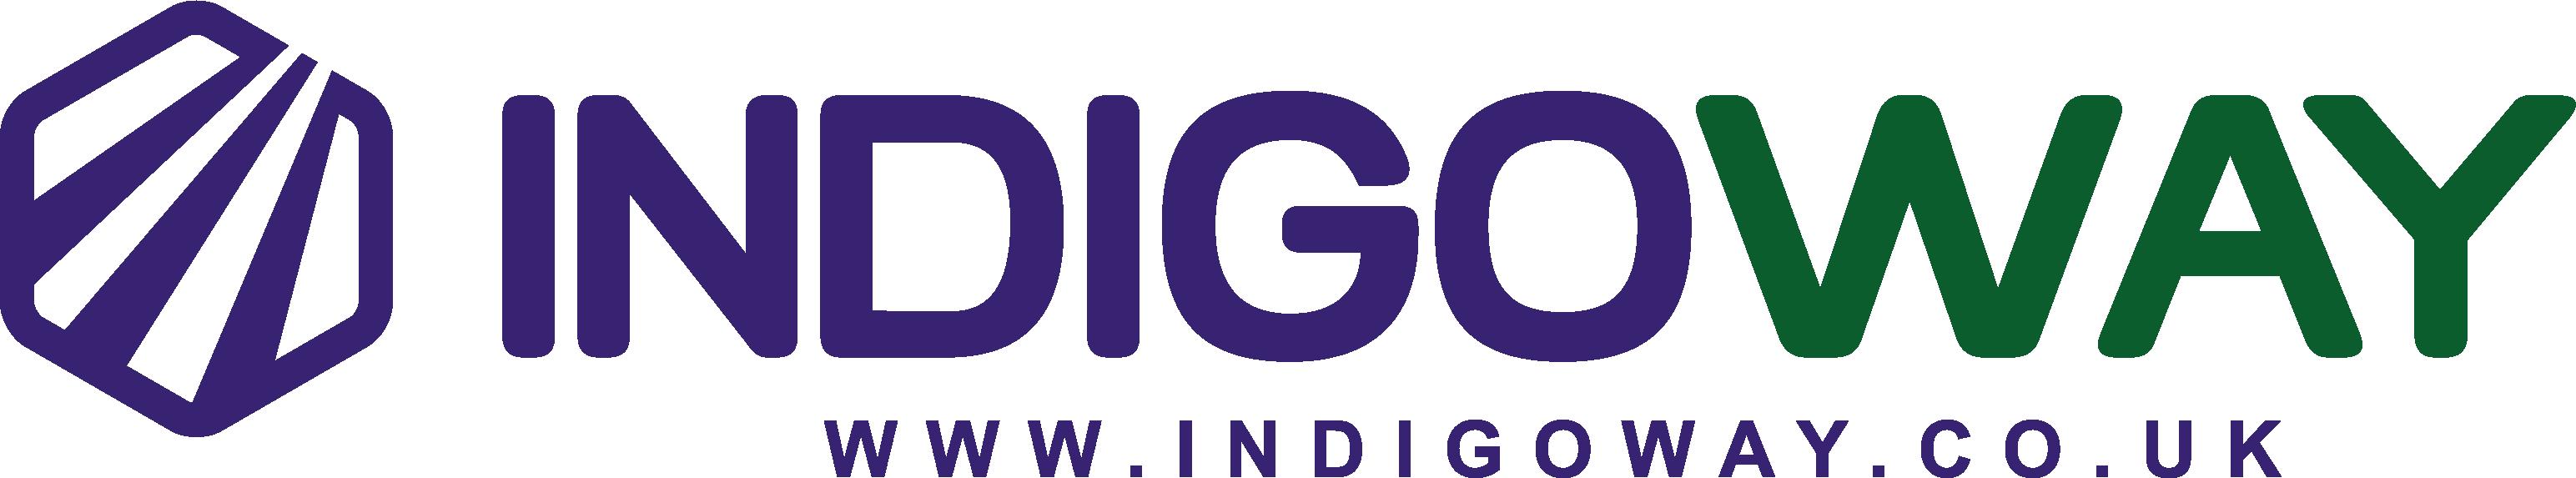 indigoway.co.uk